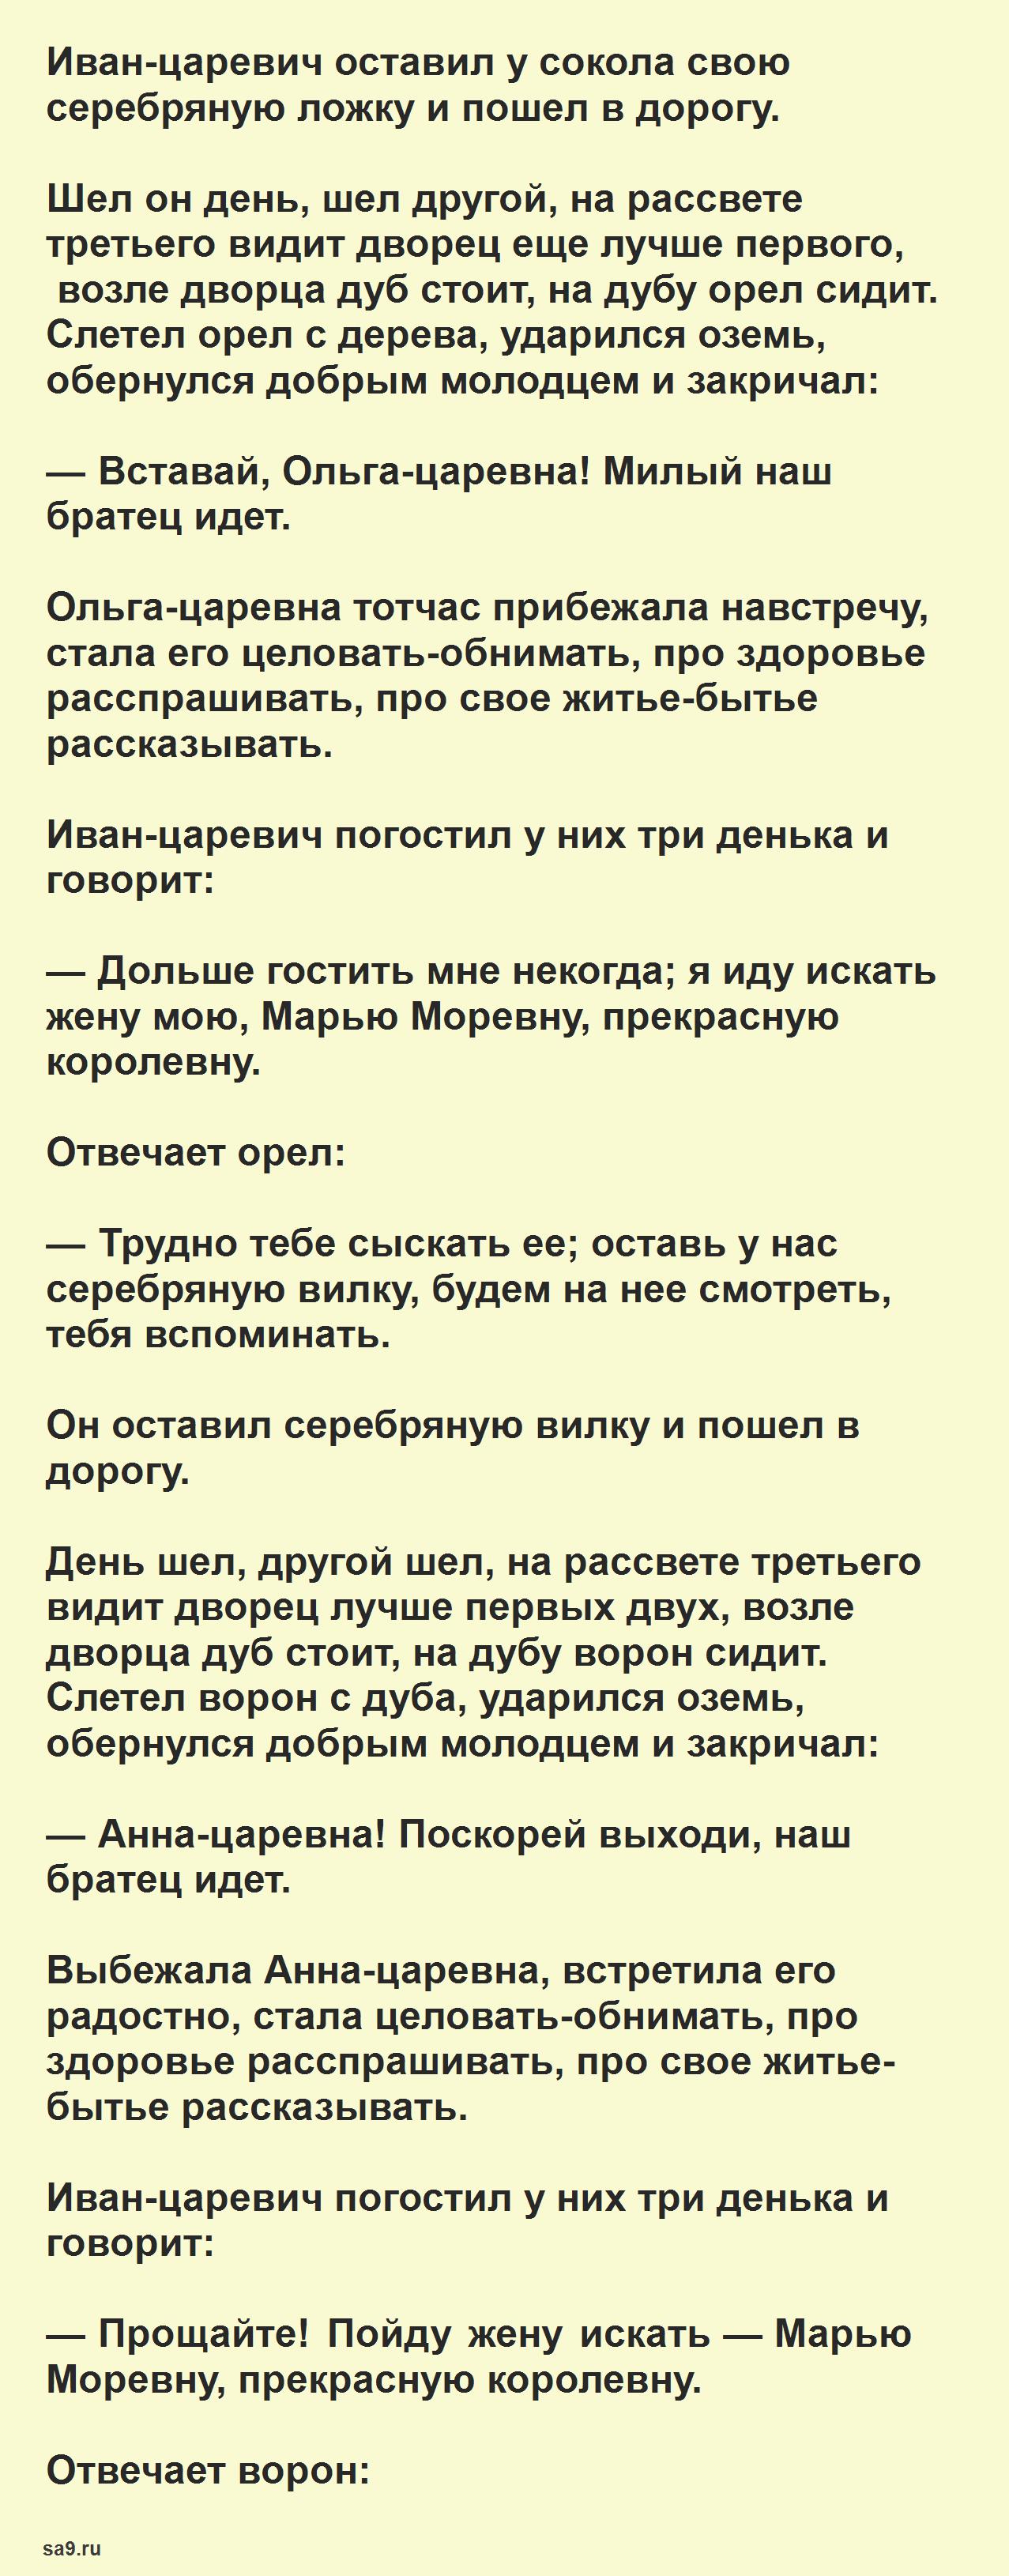 Марья Моревна- русская народная сказка, читать полностью